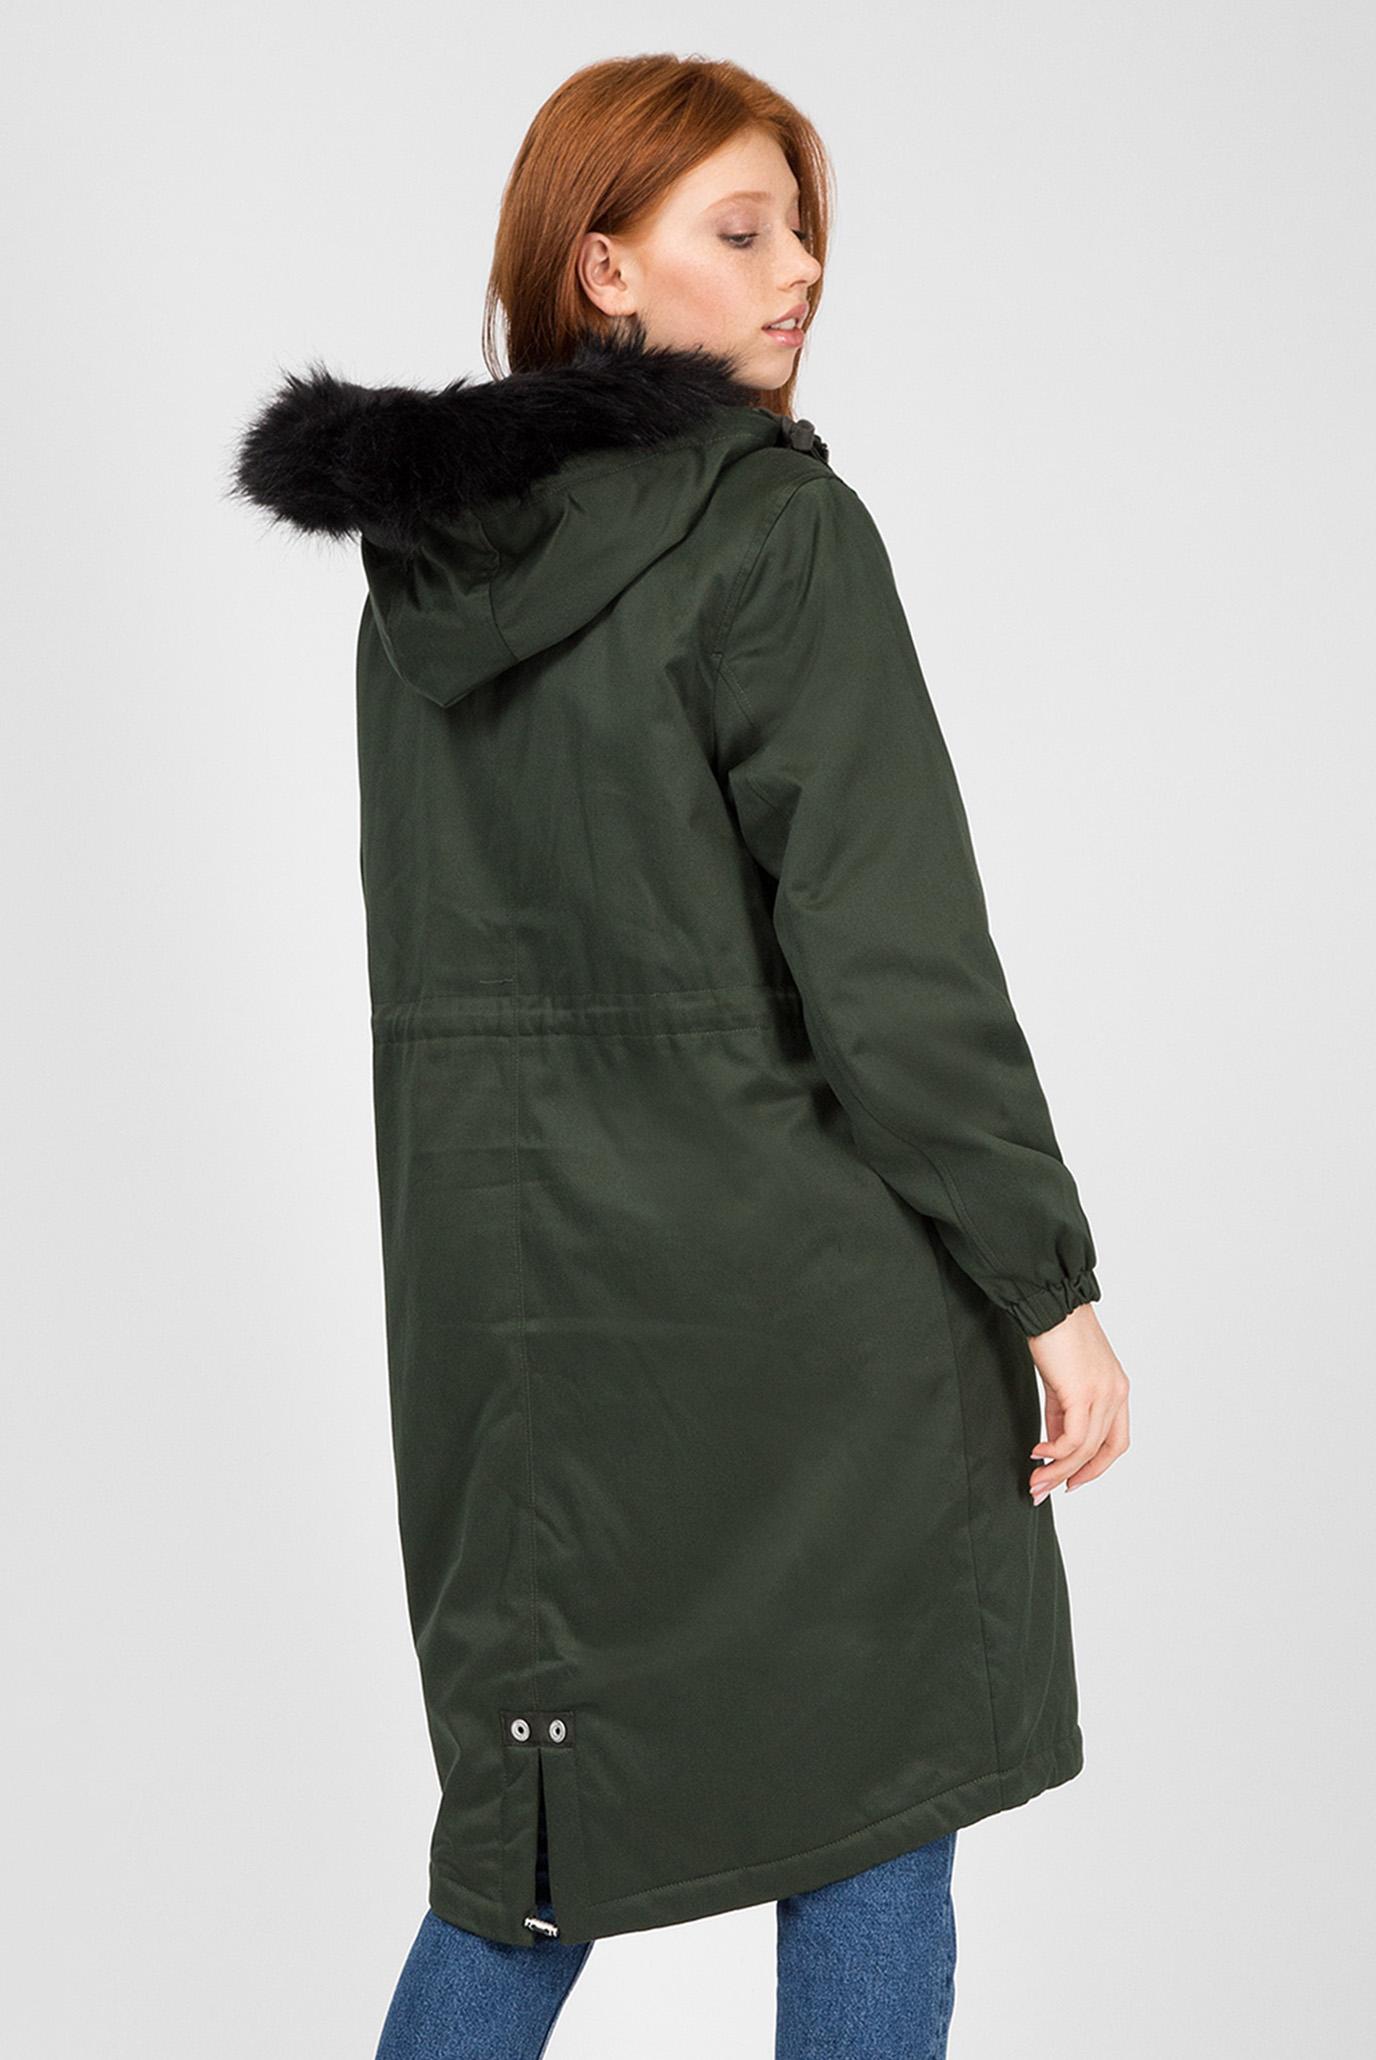 Купить Женская зеленая парка Tommy Hilfiger Tommy Hilfiger DW0DW05174 – Киев, Украина. Цены в интернет магазине MD Fashion